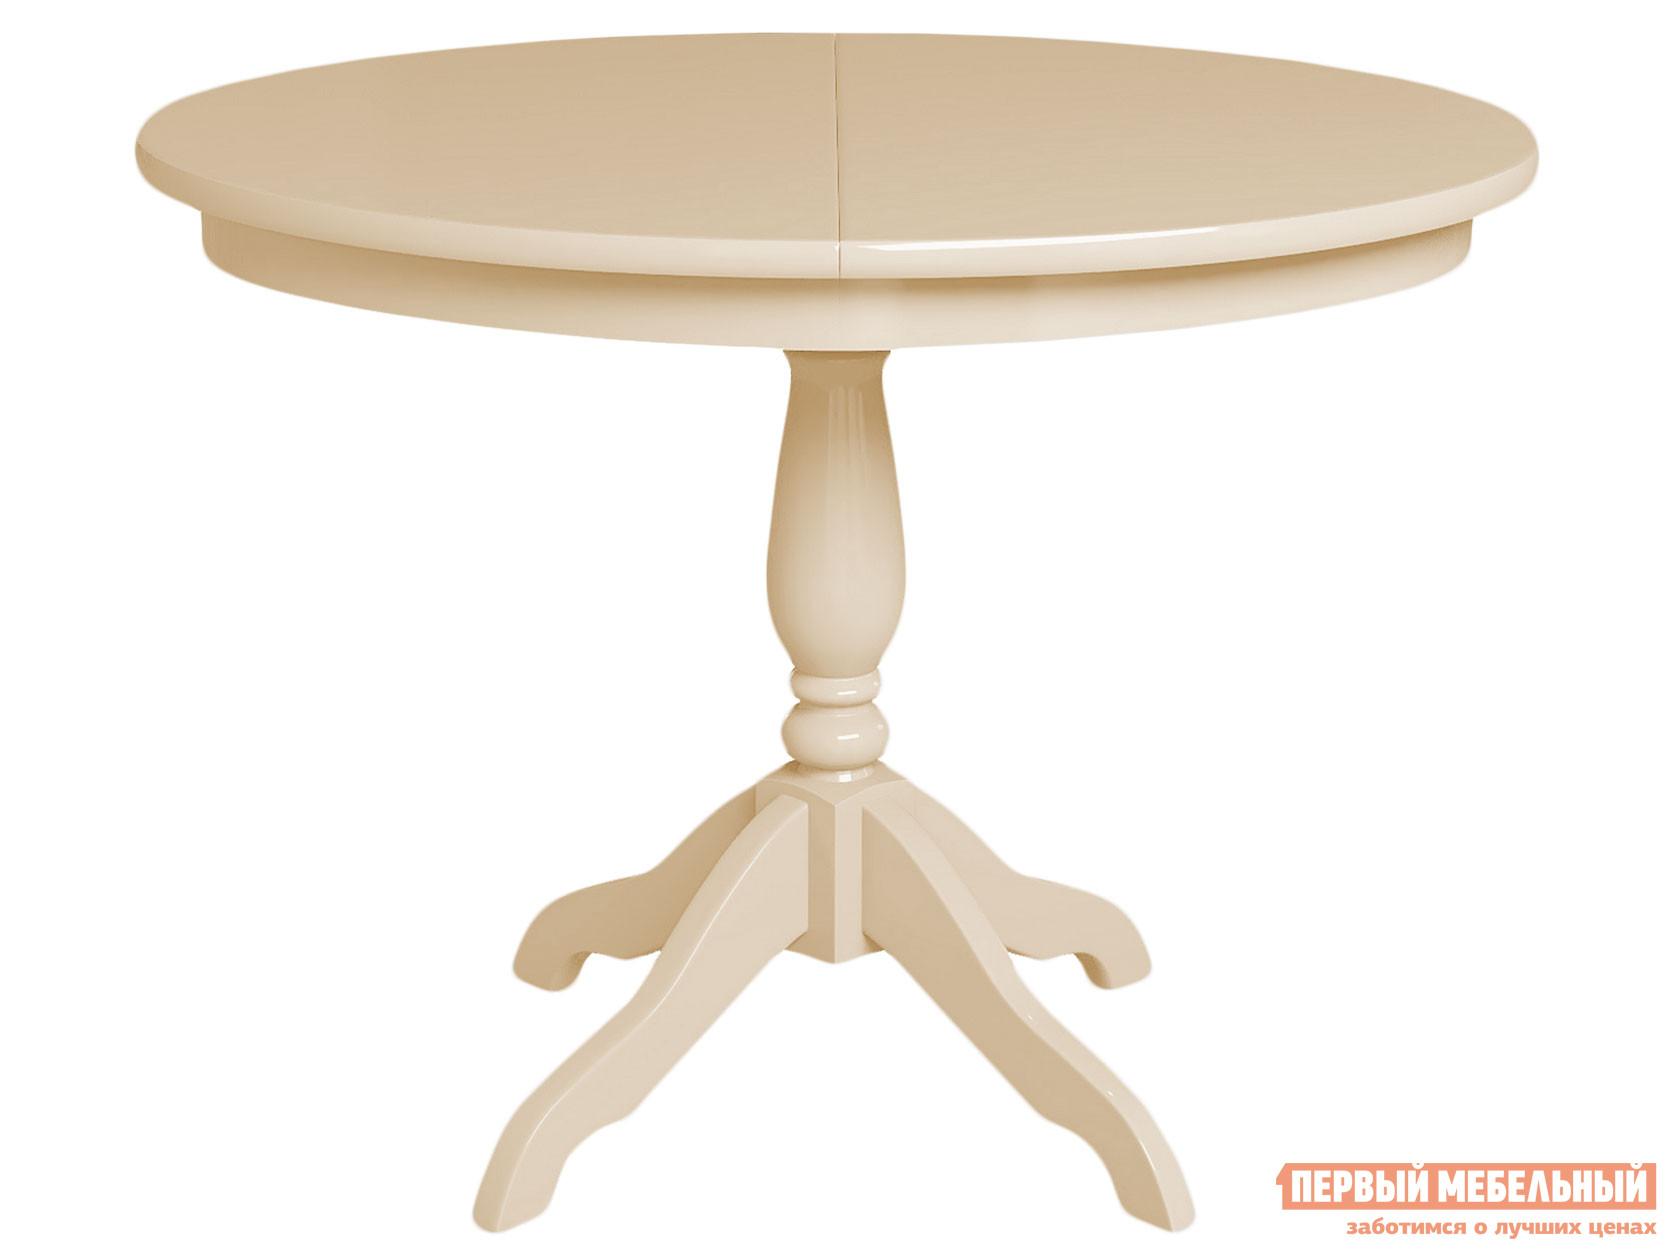 Кухонный стол  Стол Романс Слоновая кость — Стол Романс Слоновая кость